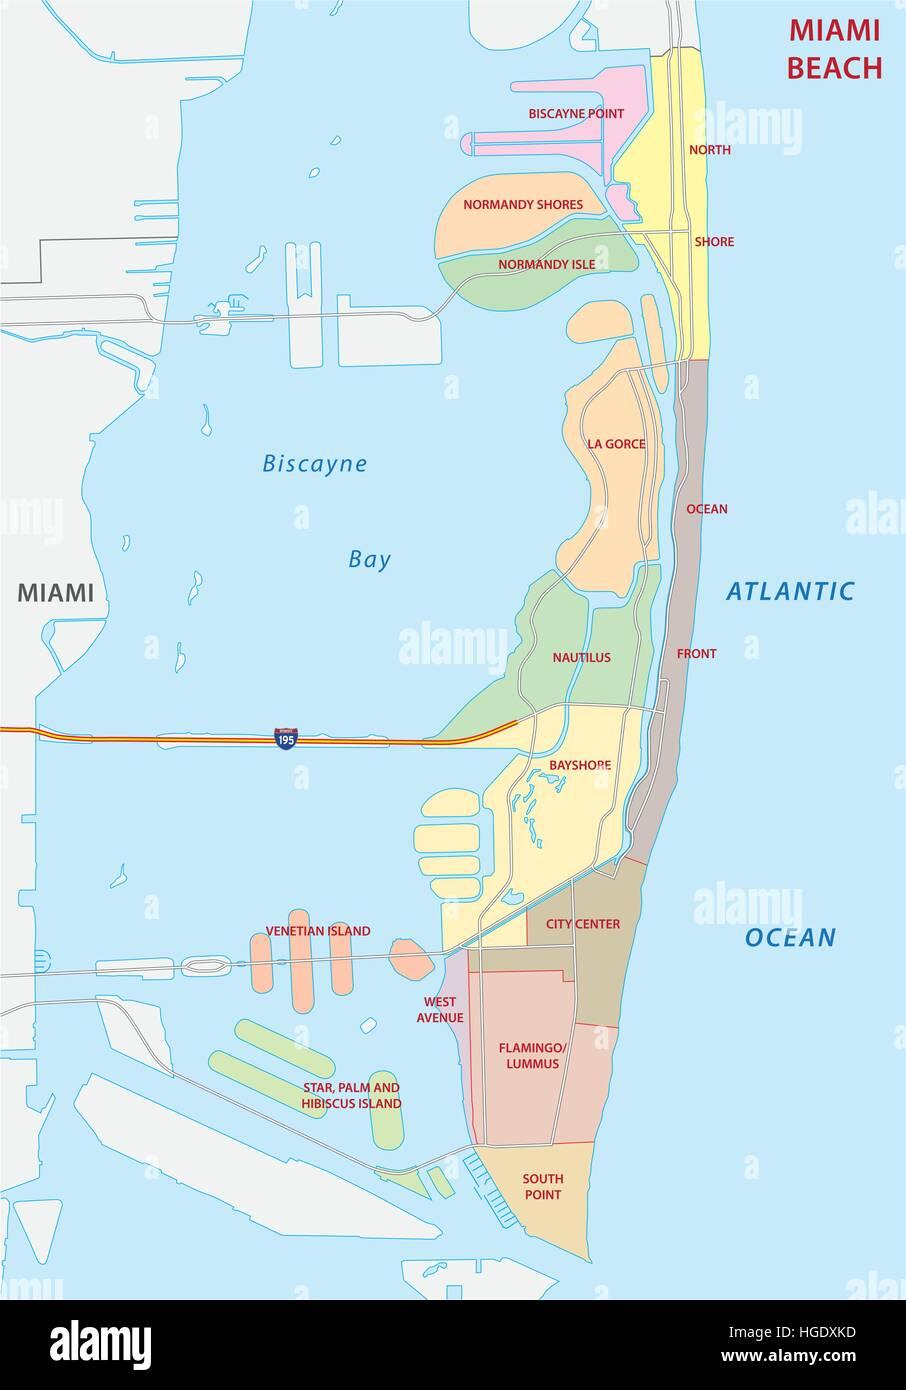 administrative karte von miami beach vektor abbildung - bild